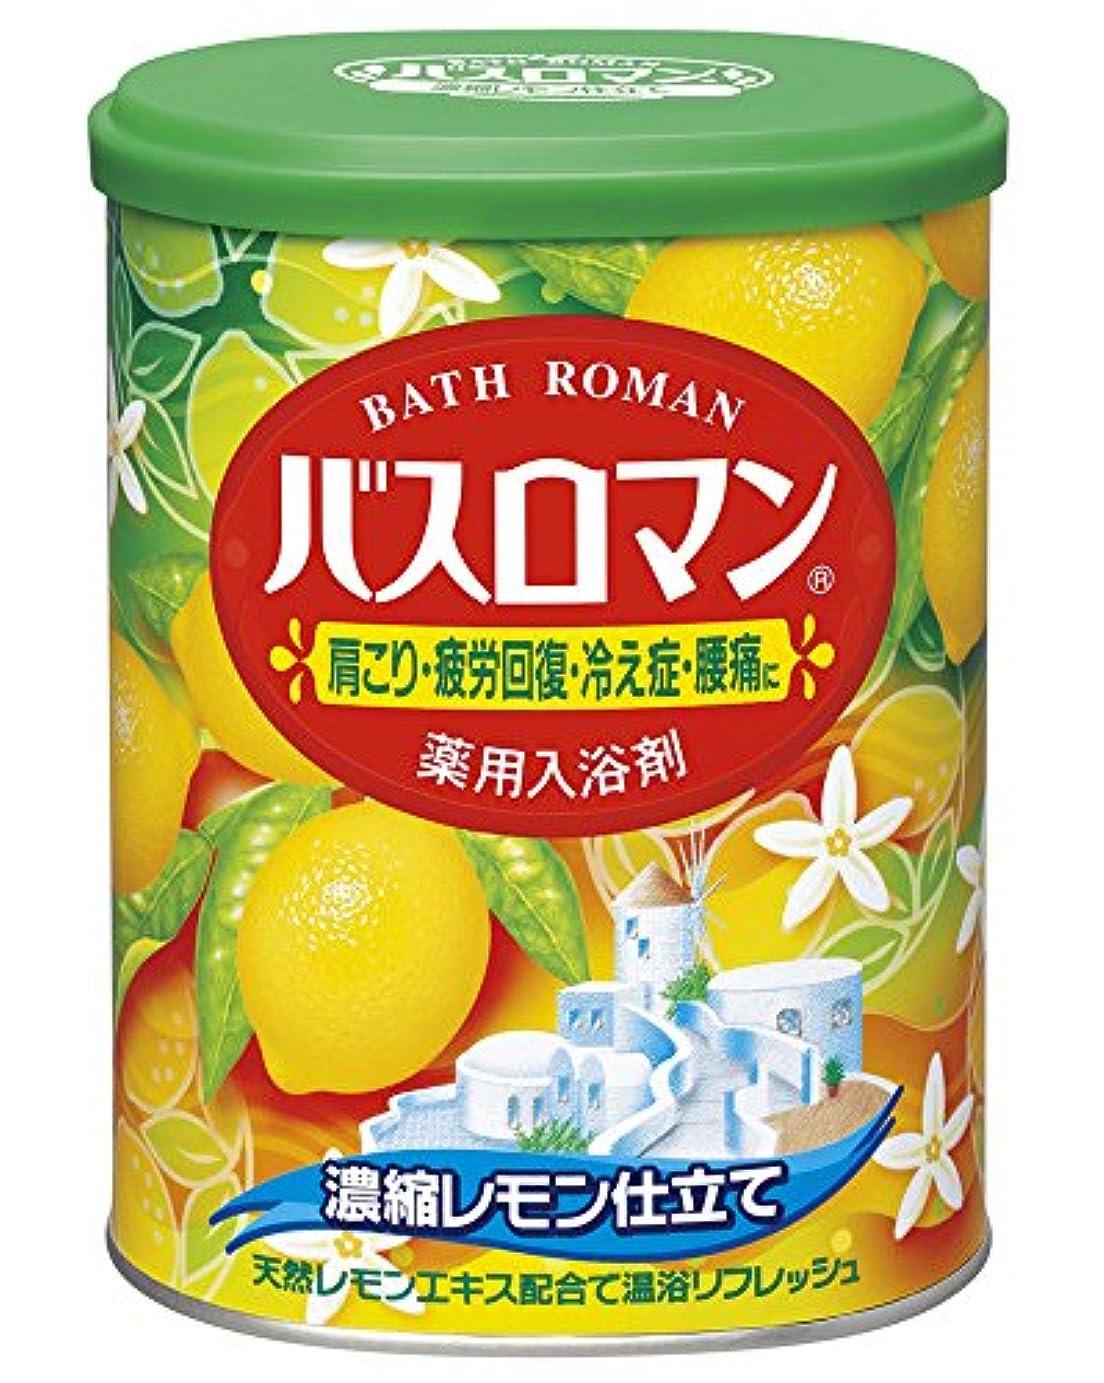 ボルト懐ナラーバーバスロマン濃縮レモン